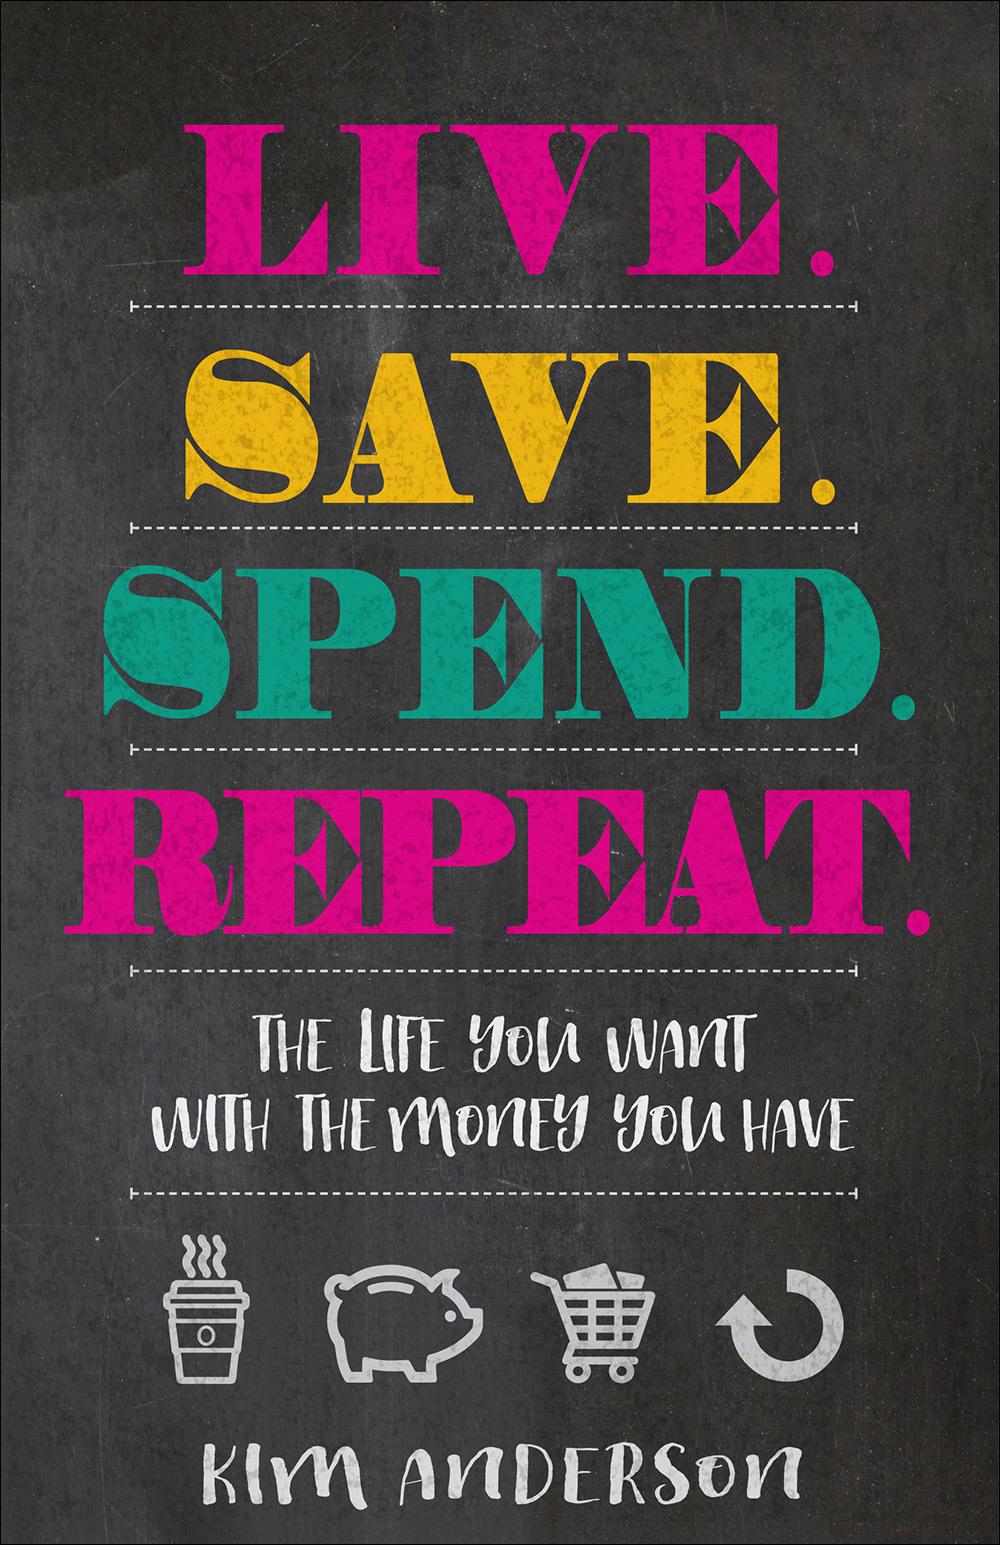 Live. Save. Spend